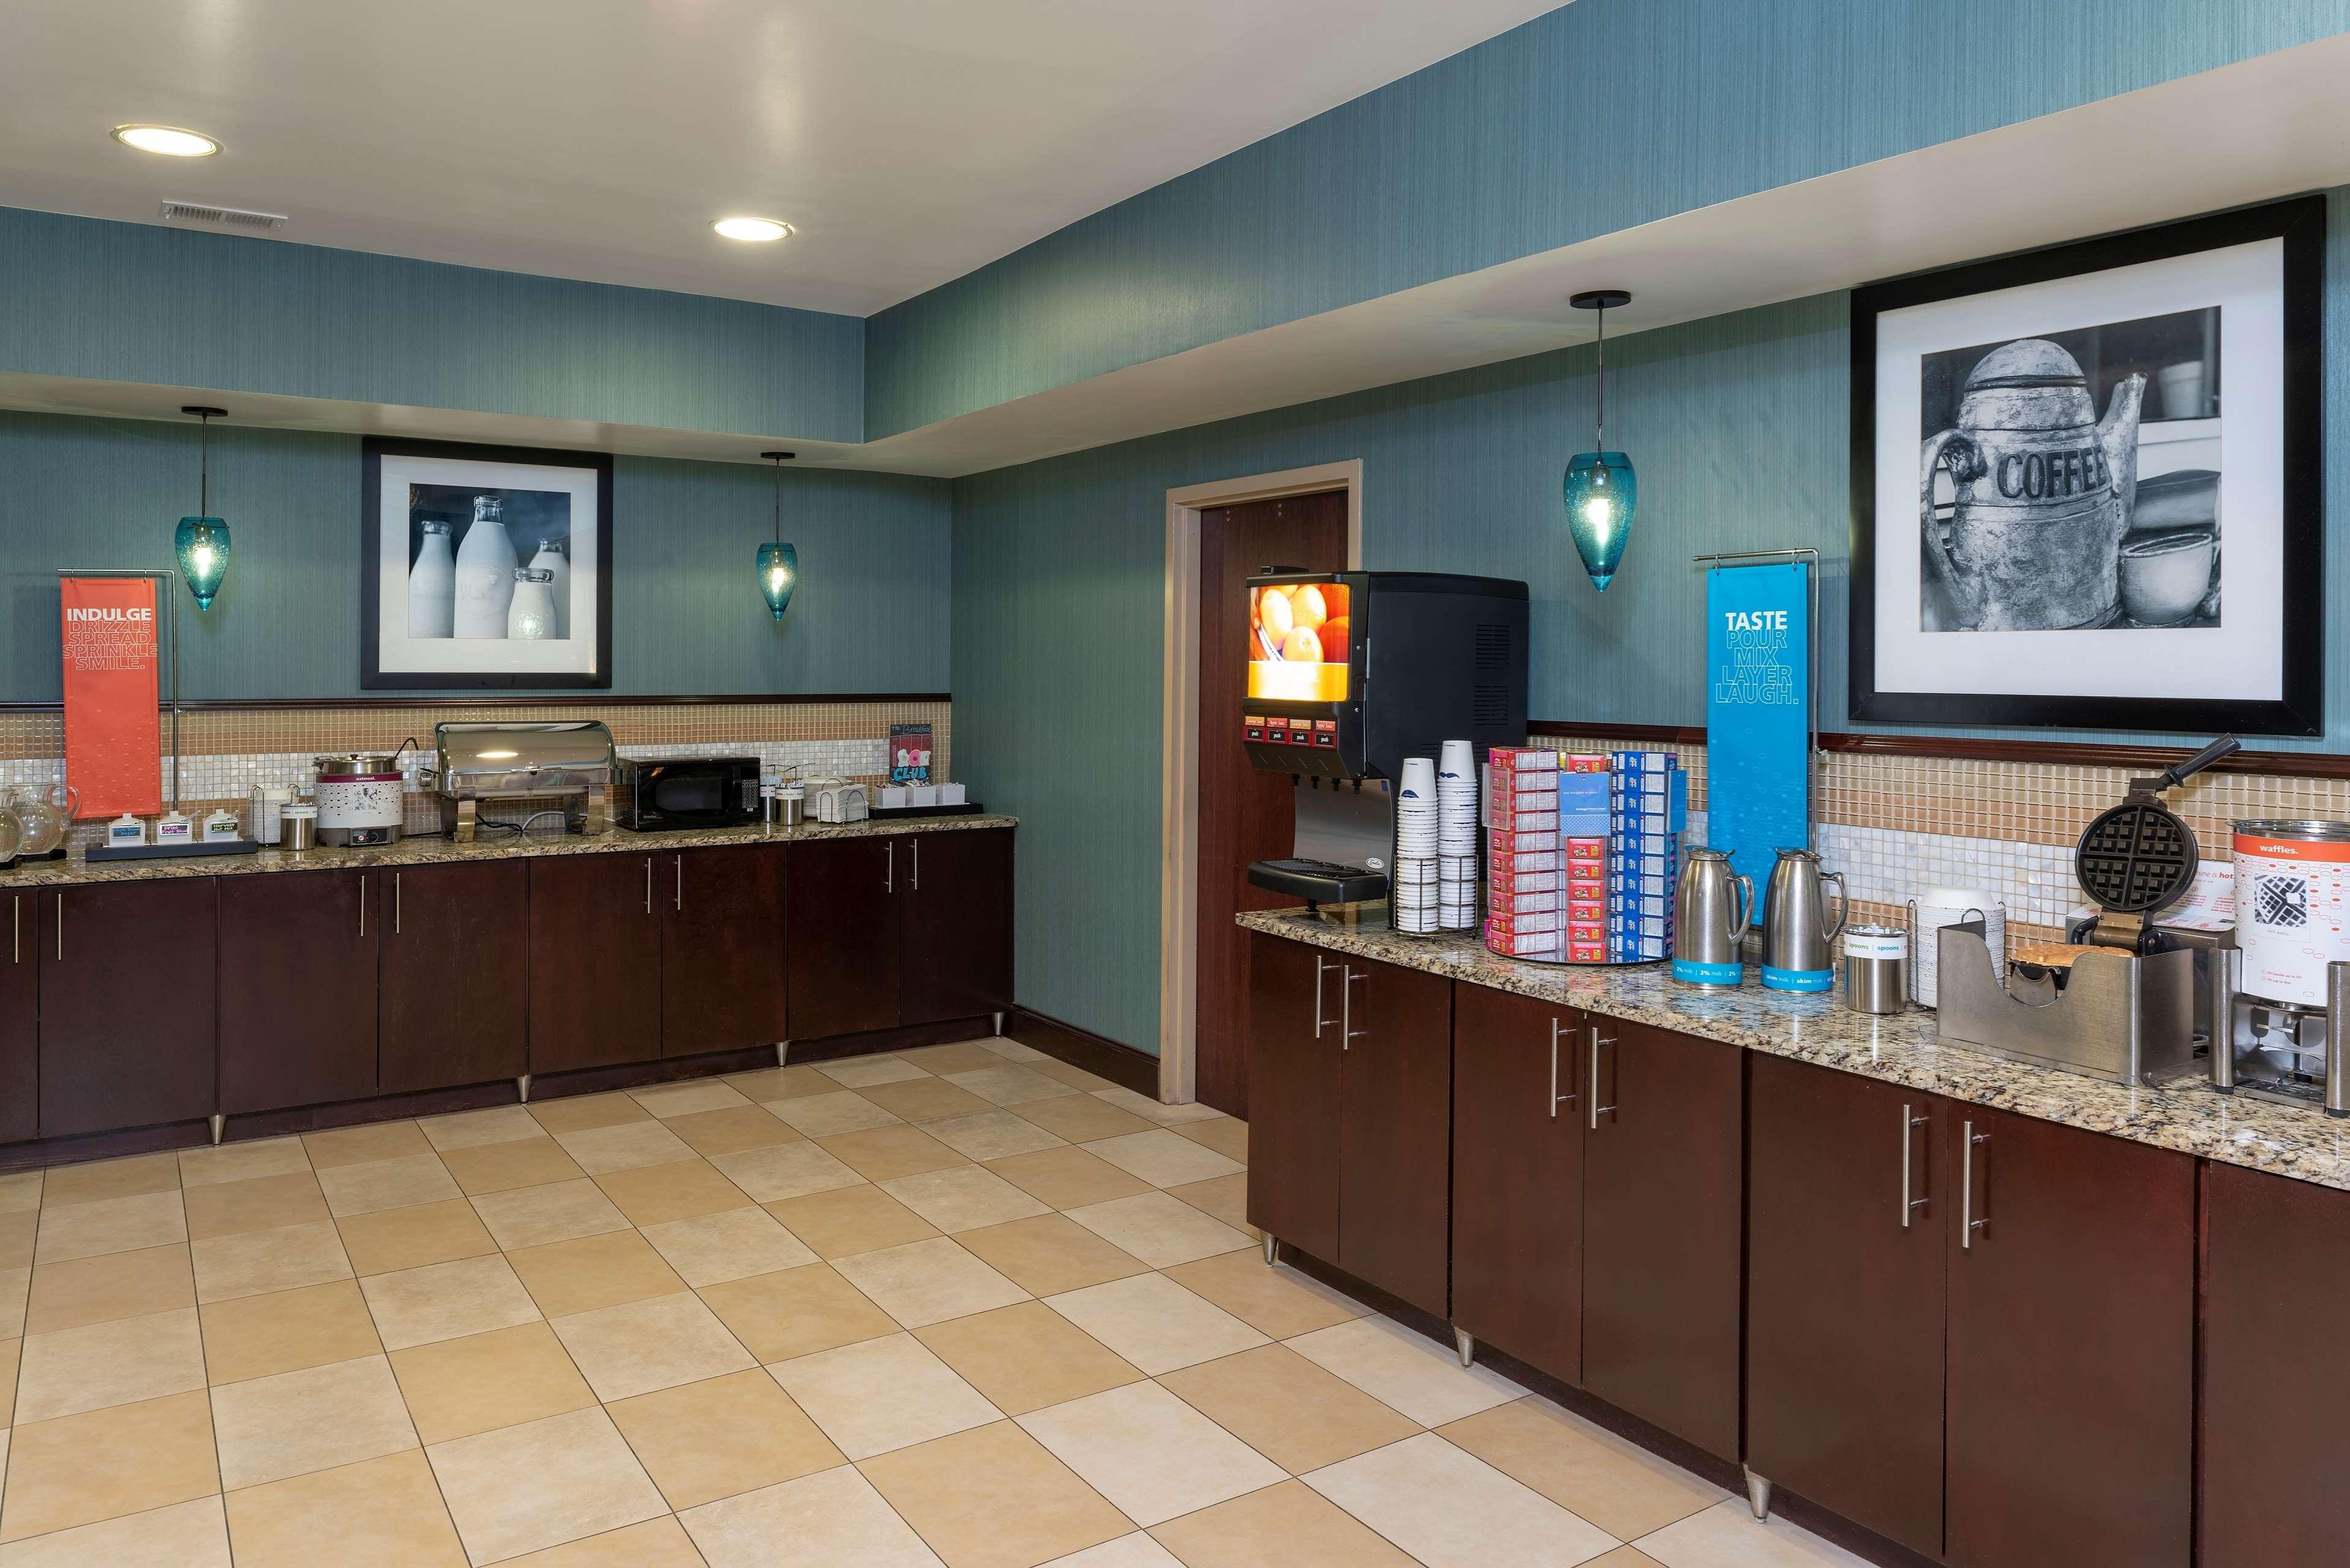 Hampton Inn East Lansing image 10